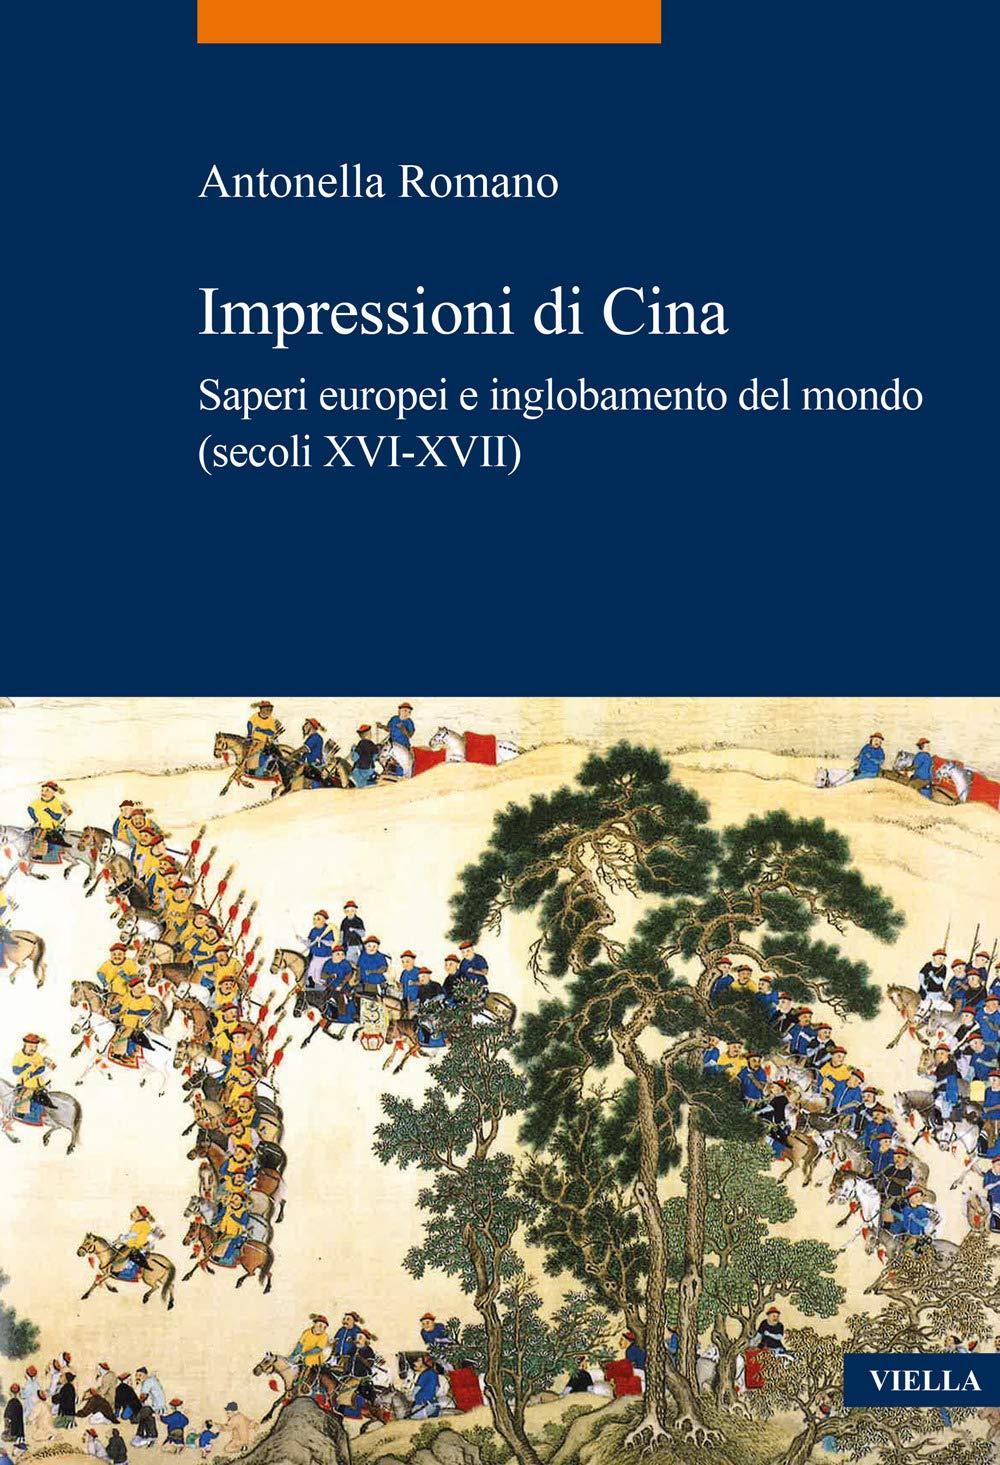 Impressioni di Cina